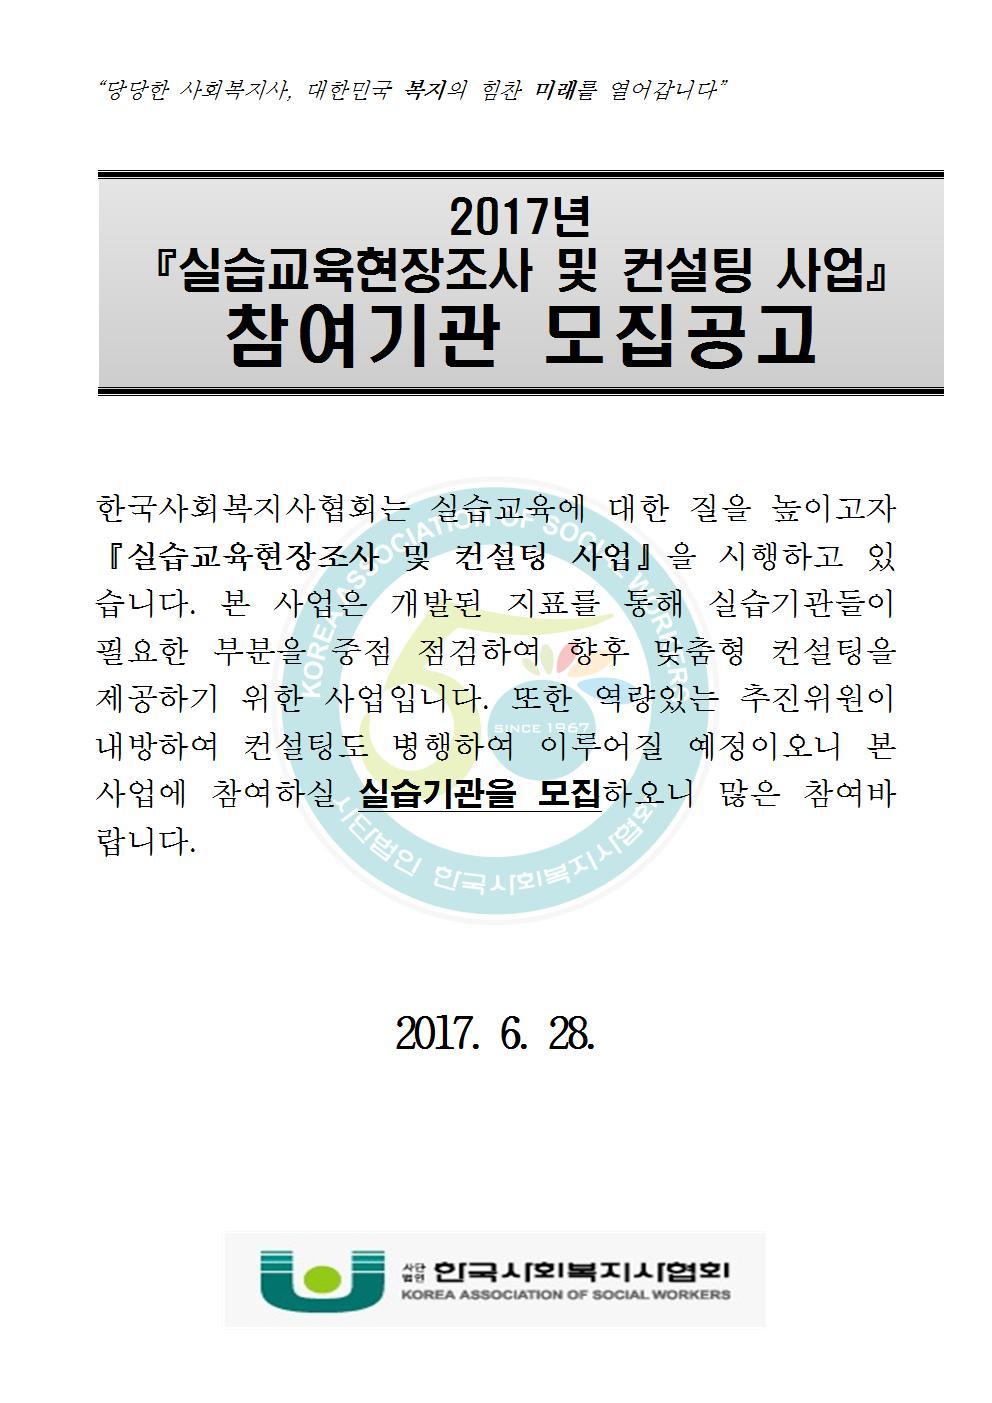 2017년 참여기관 모집공고문001.jpg